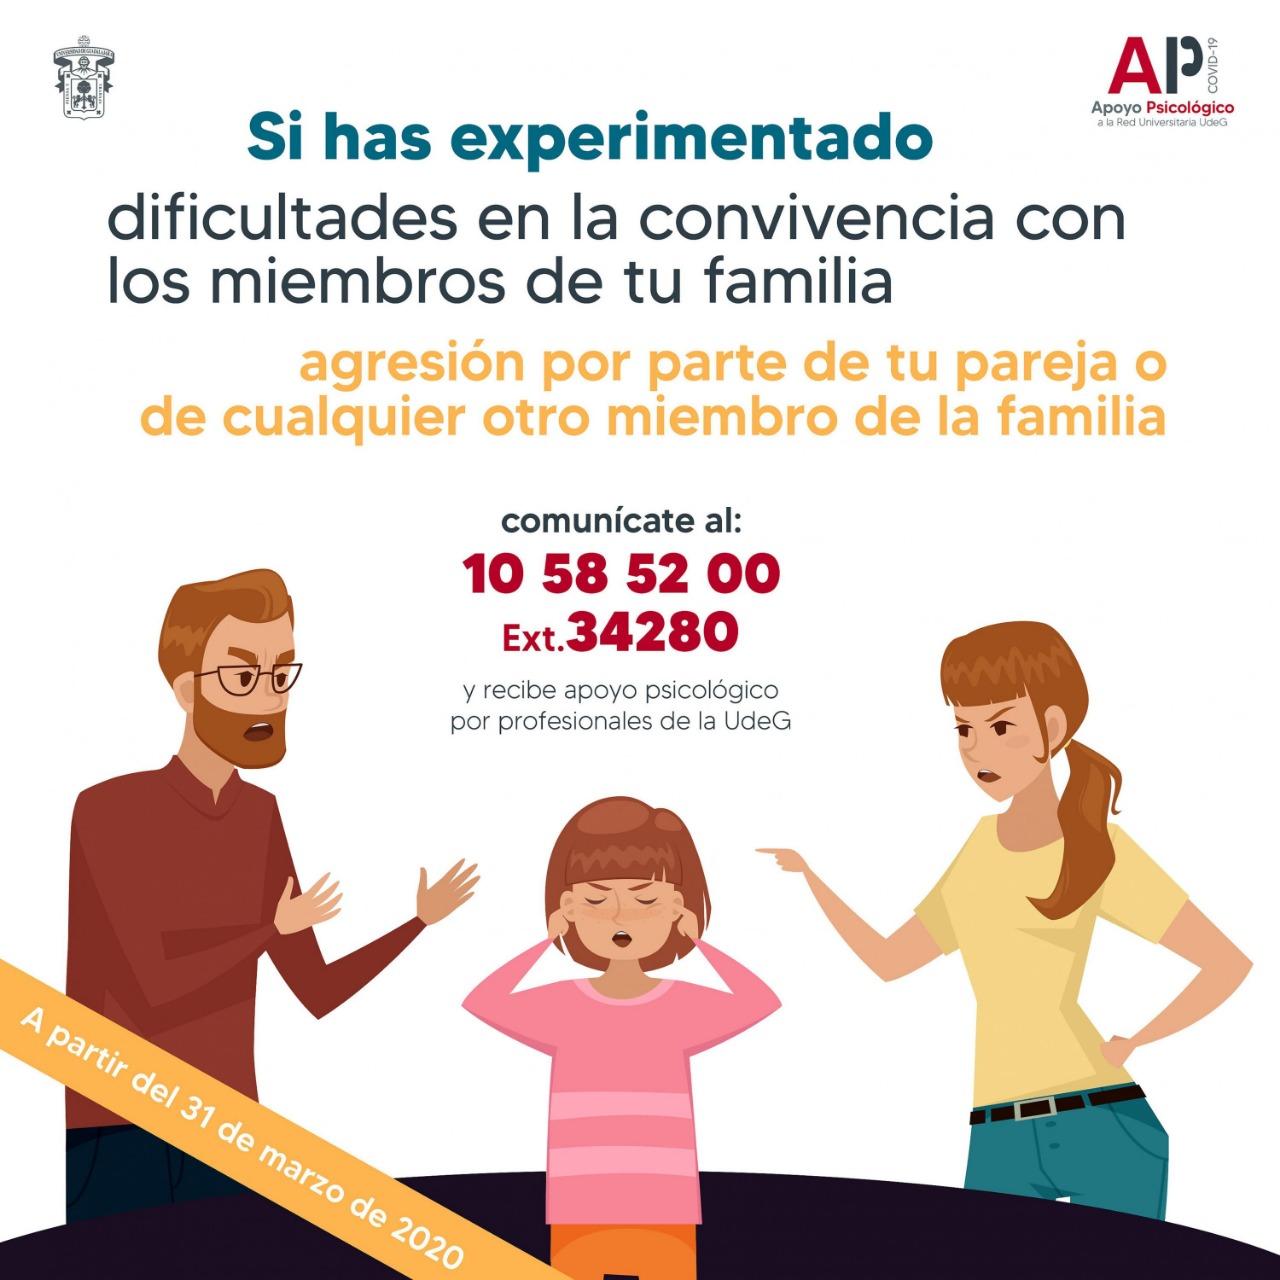 Banner promocional del Servicio de Apoyo Psicológico problemas familiares